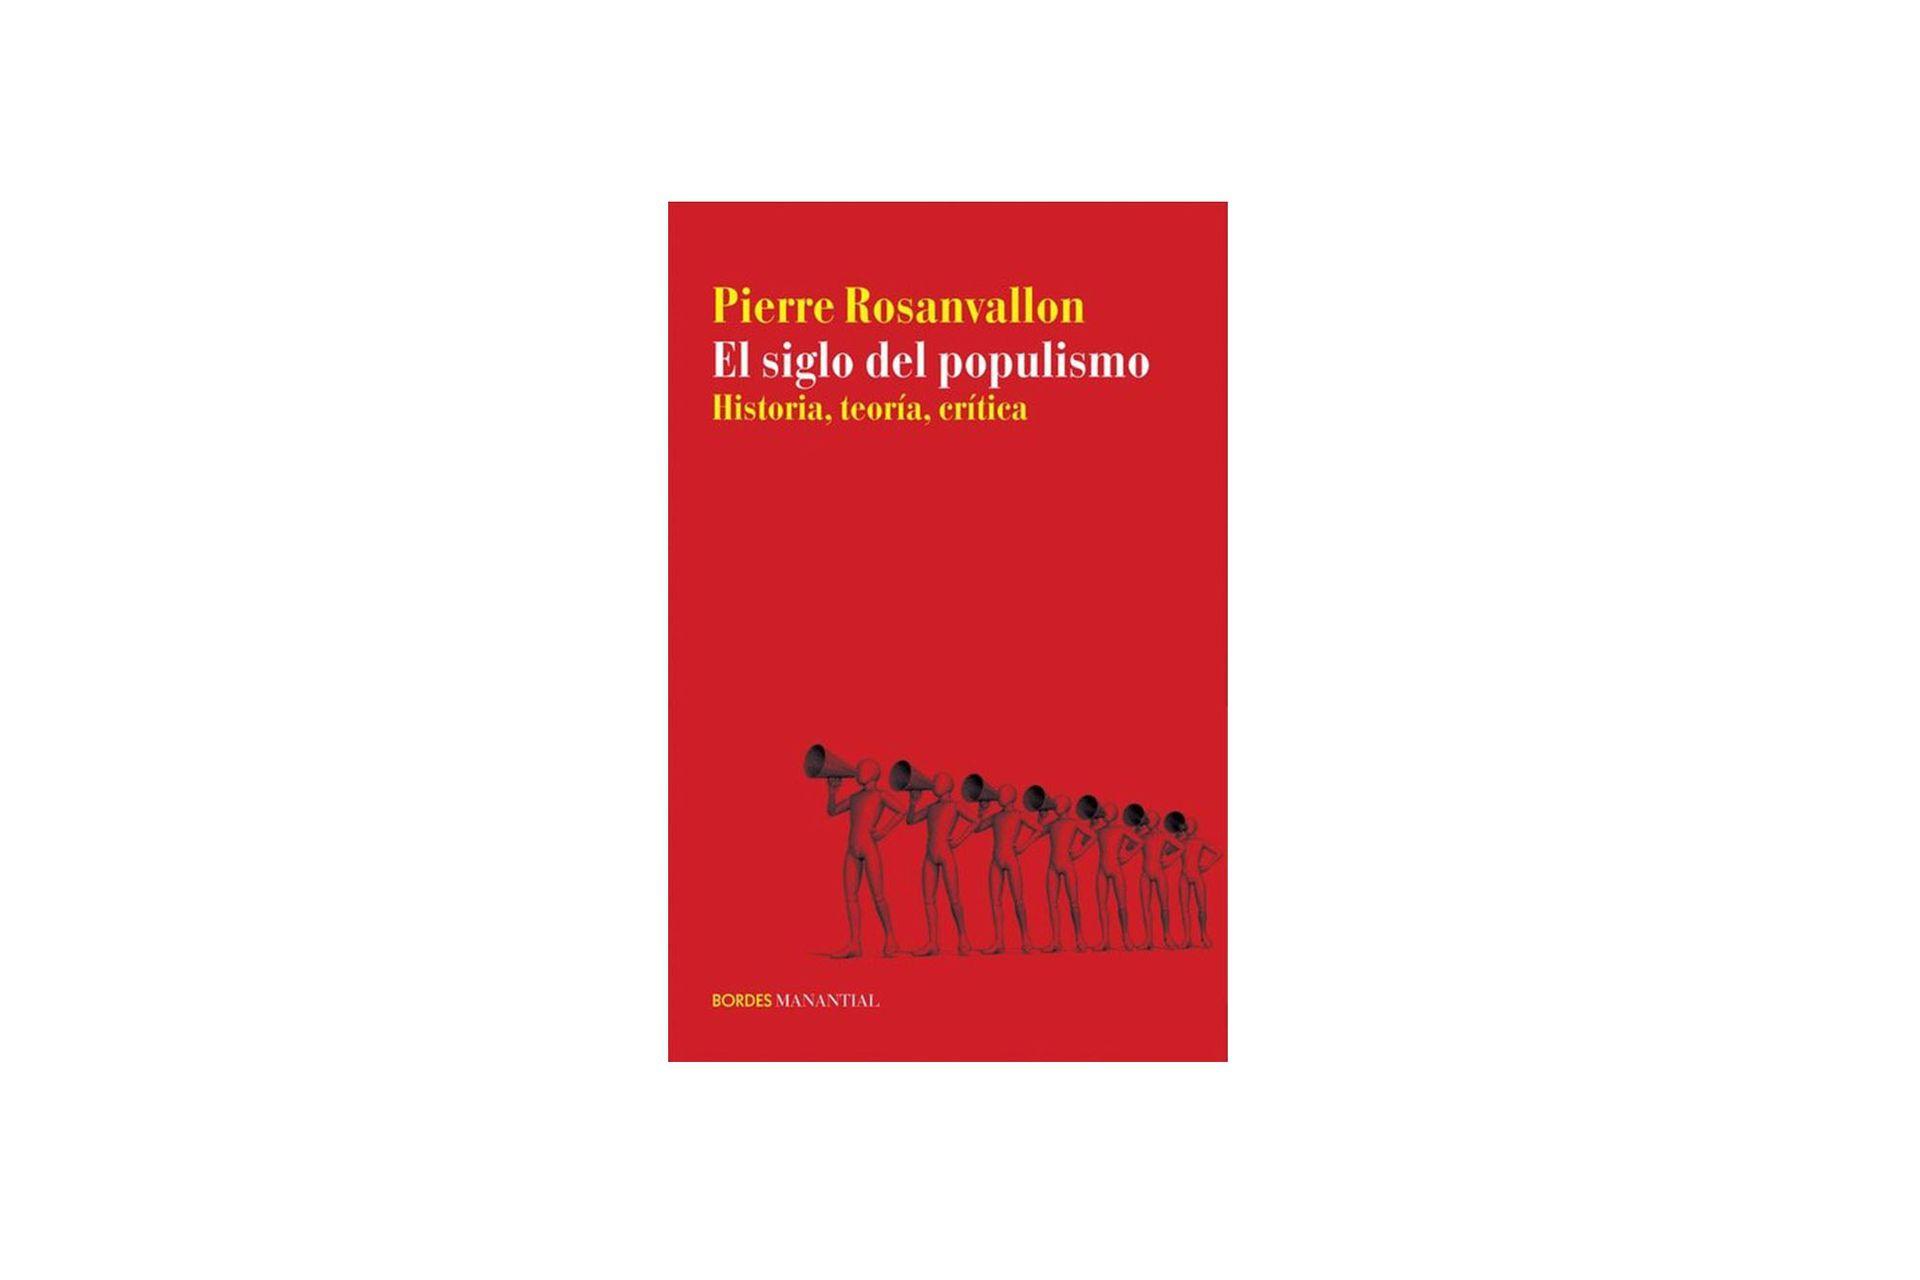 El siglo del populismo (Manantial), el libro de Rosanvallon